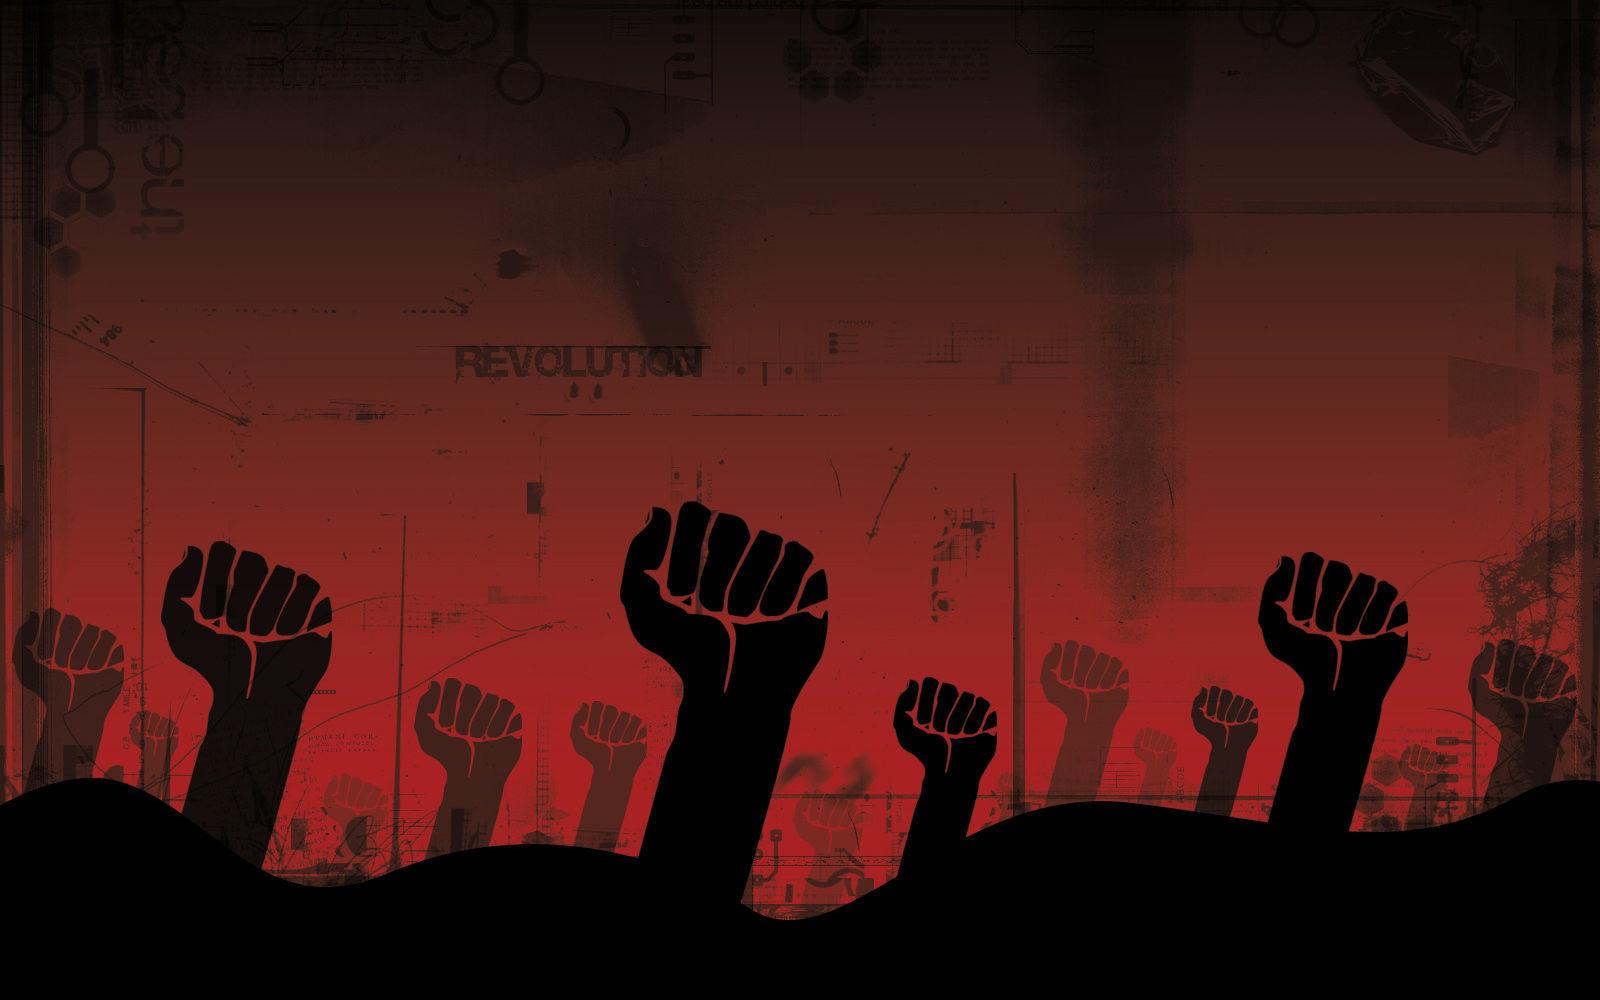 Dejando un lado que apoyes o no el comunismo, ¿crees que un sistema económico comunista funciona?